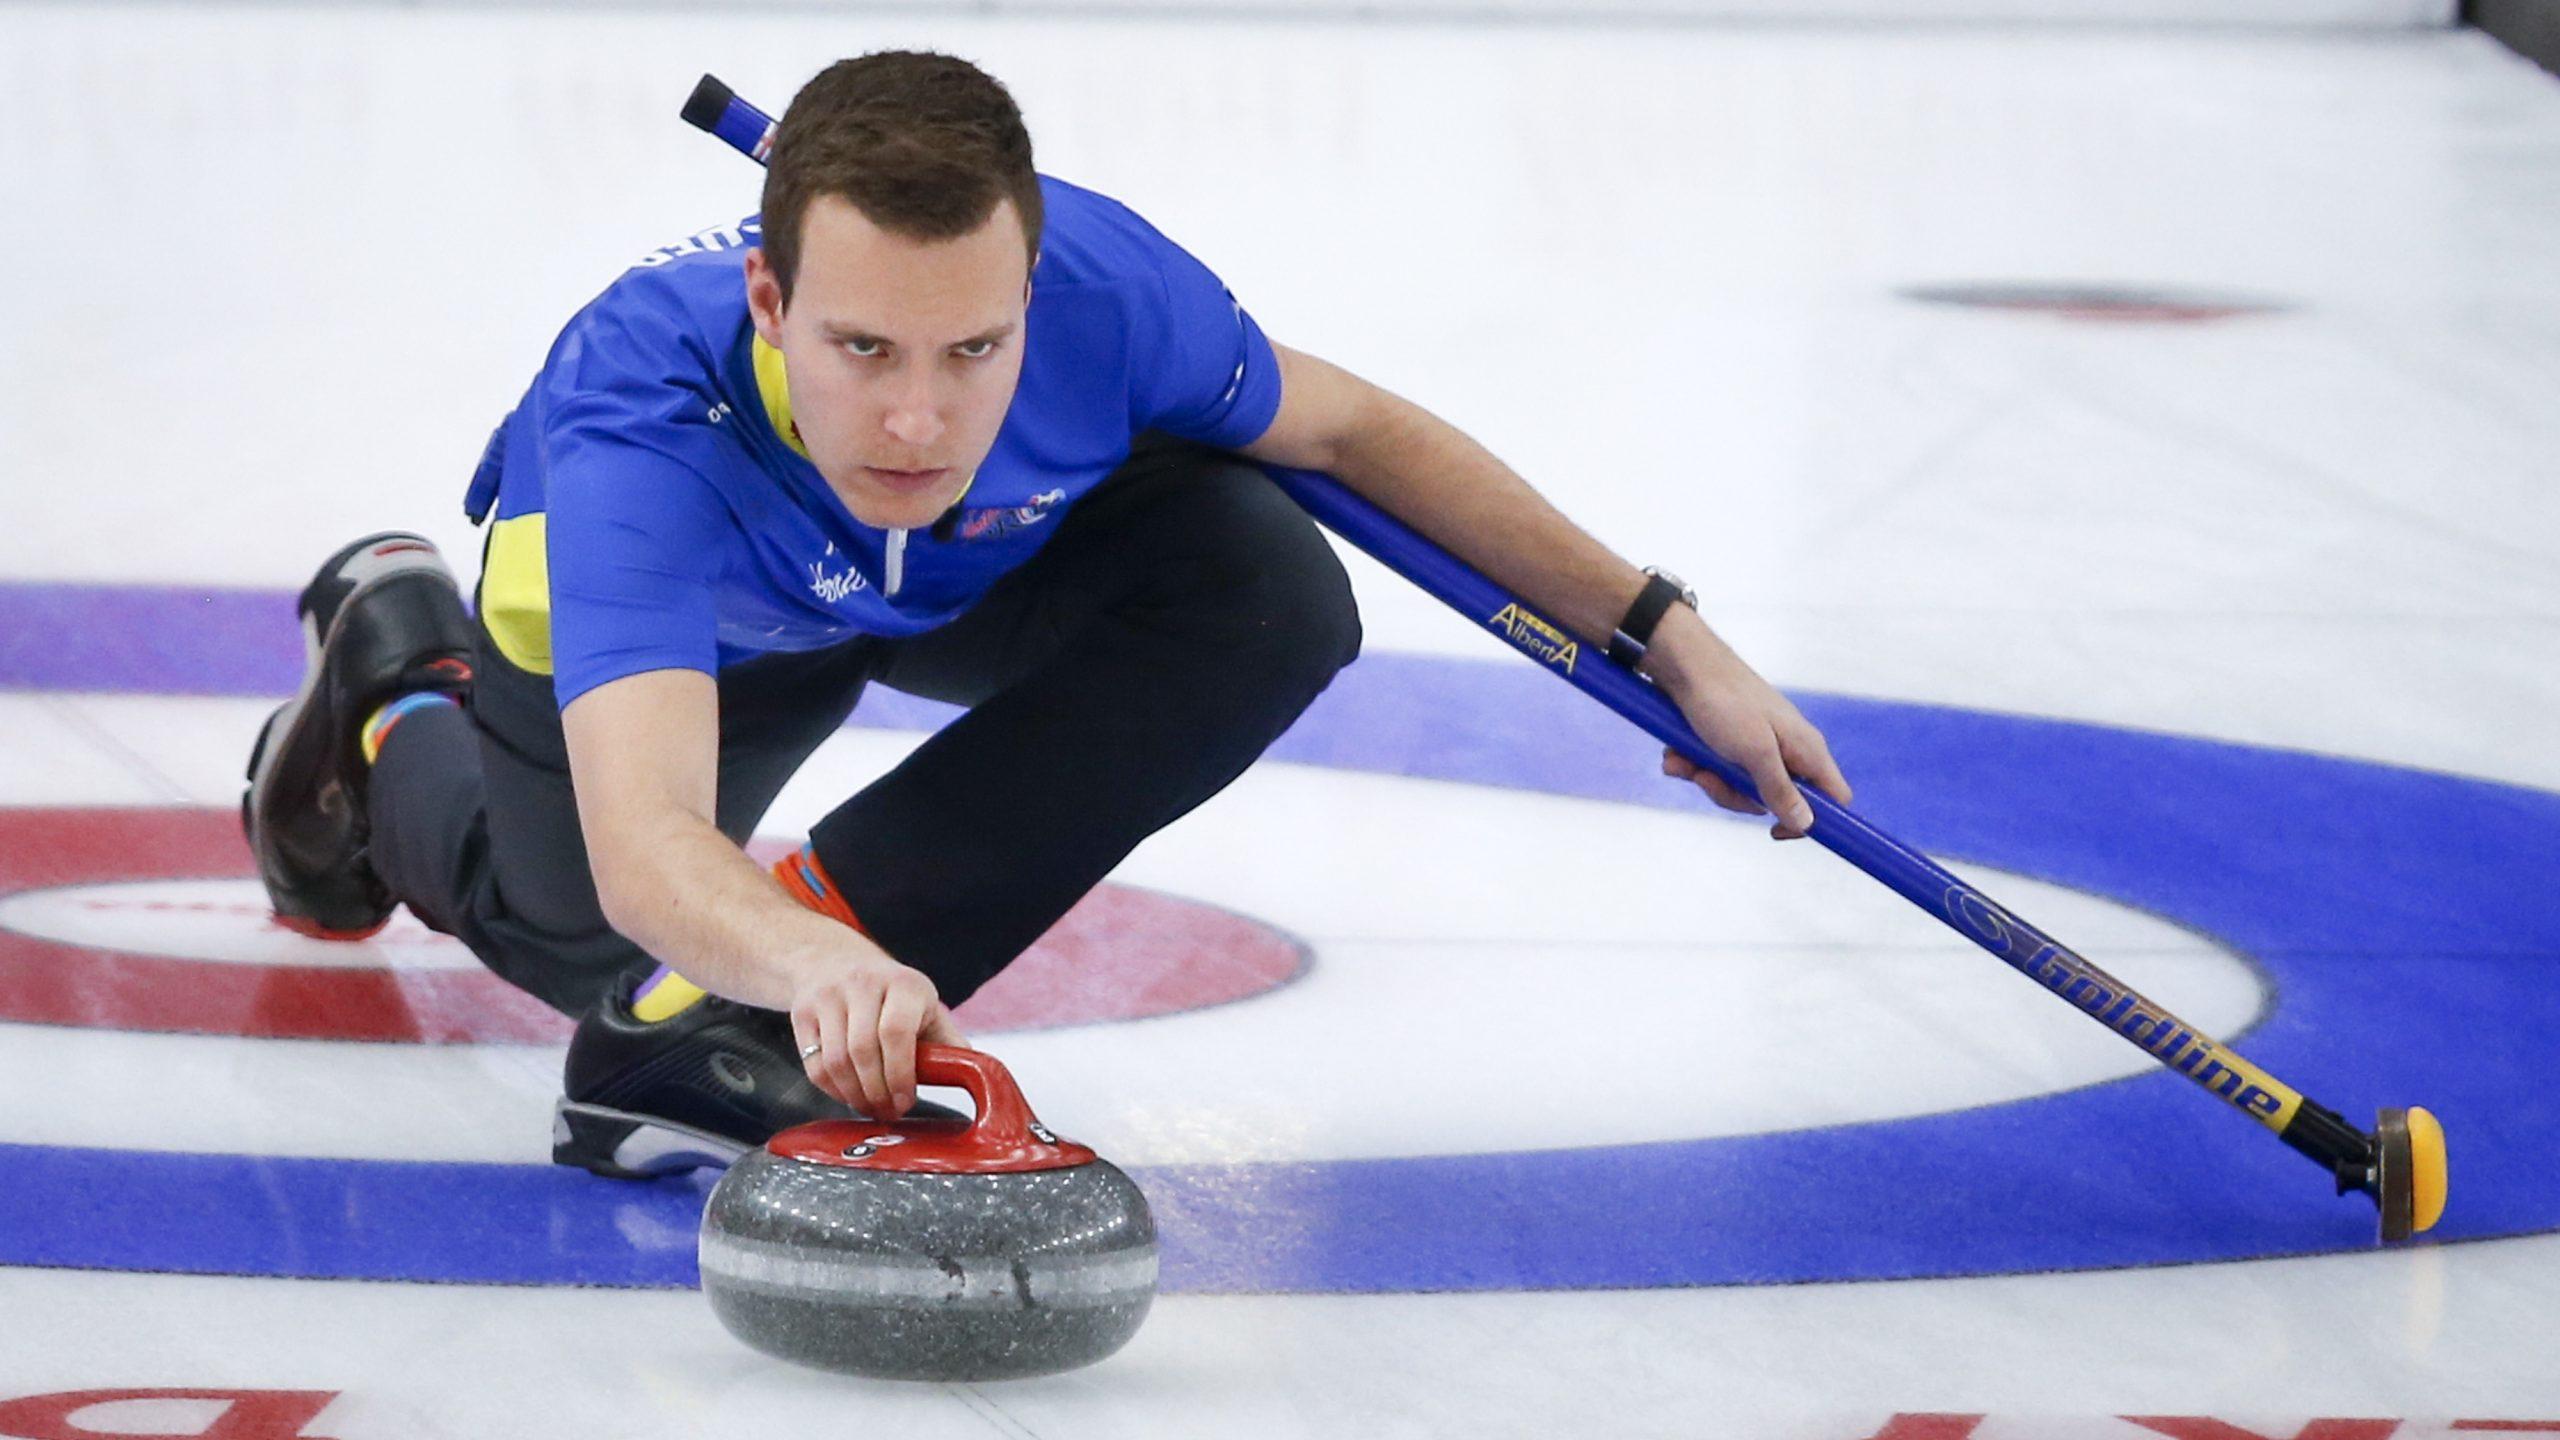 Peluang Kejuaraan Curling Dunia Putra